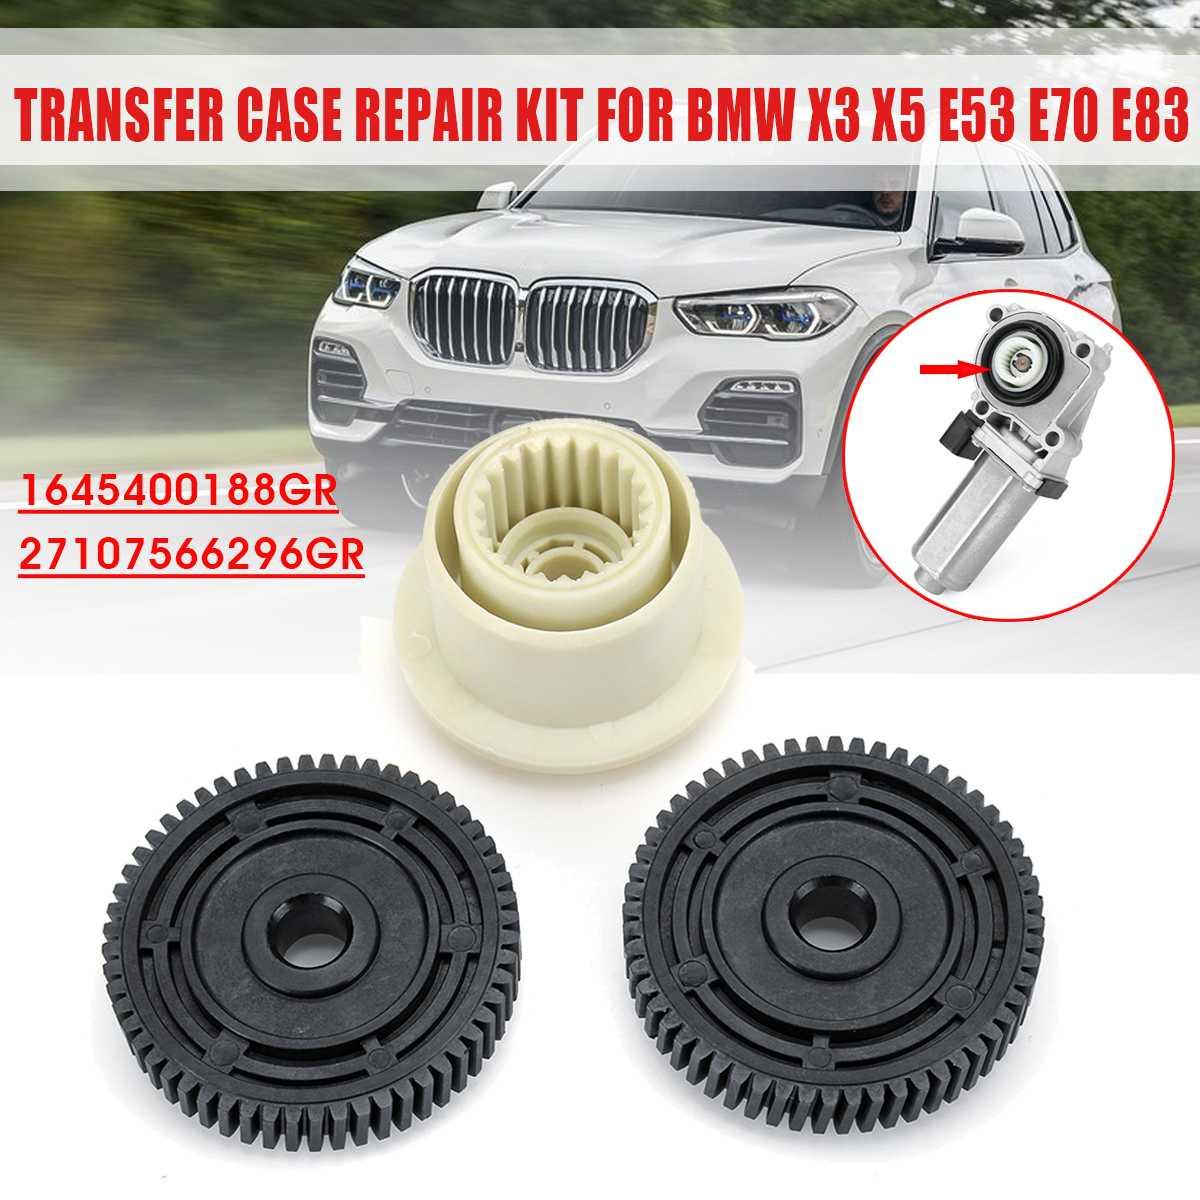 3cs caixa de engrenagens do carro caixa de transferencia servo atuador reparacao do motor 27107566296 para